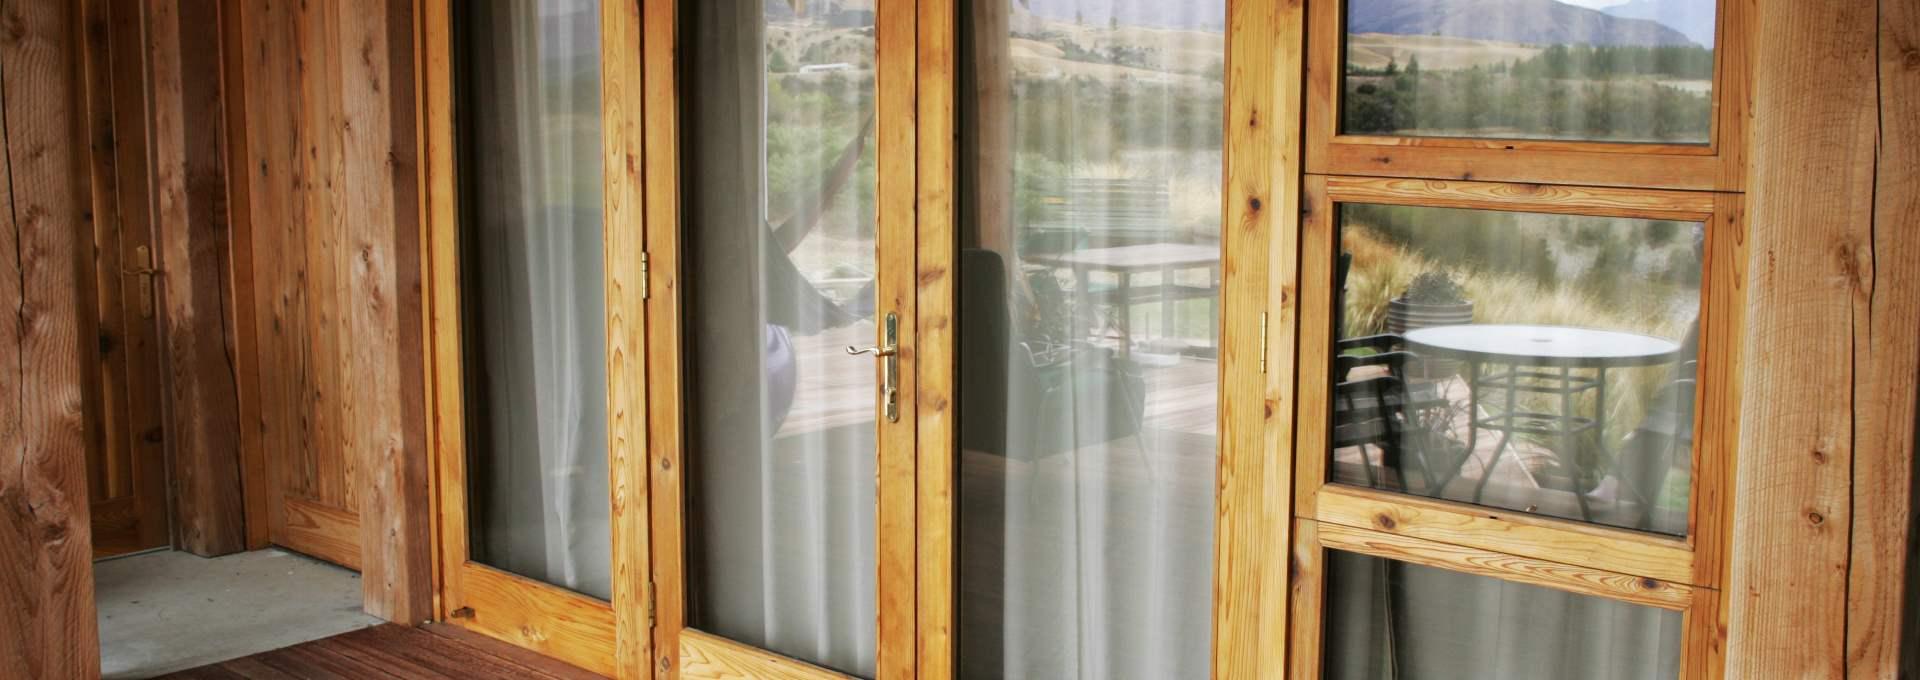 wooden door joinery